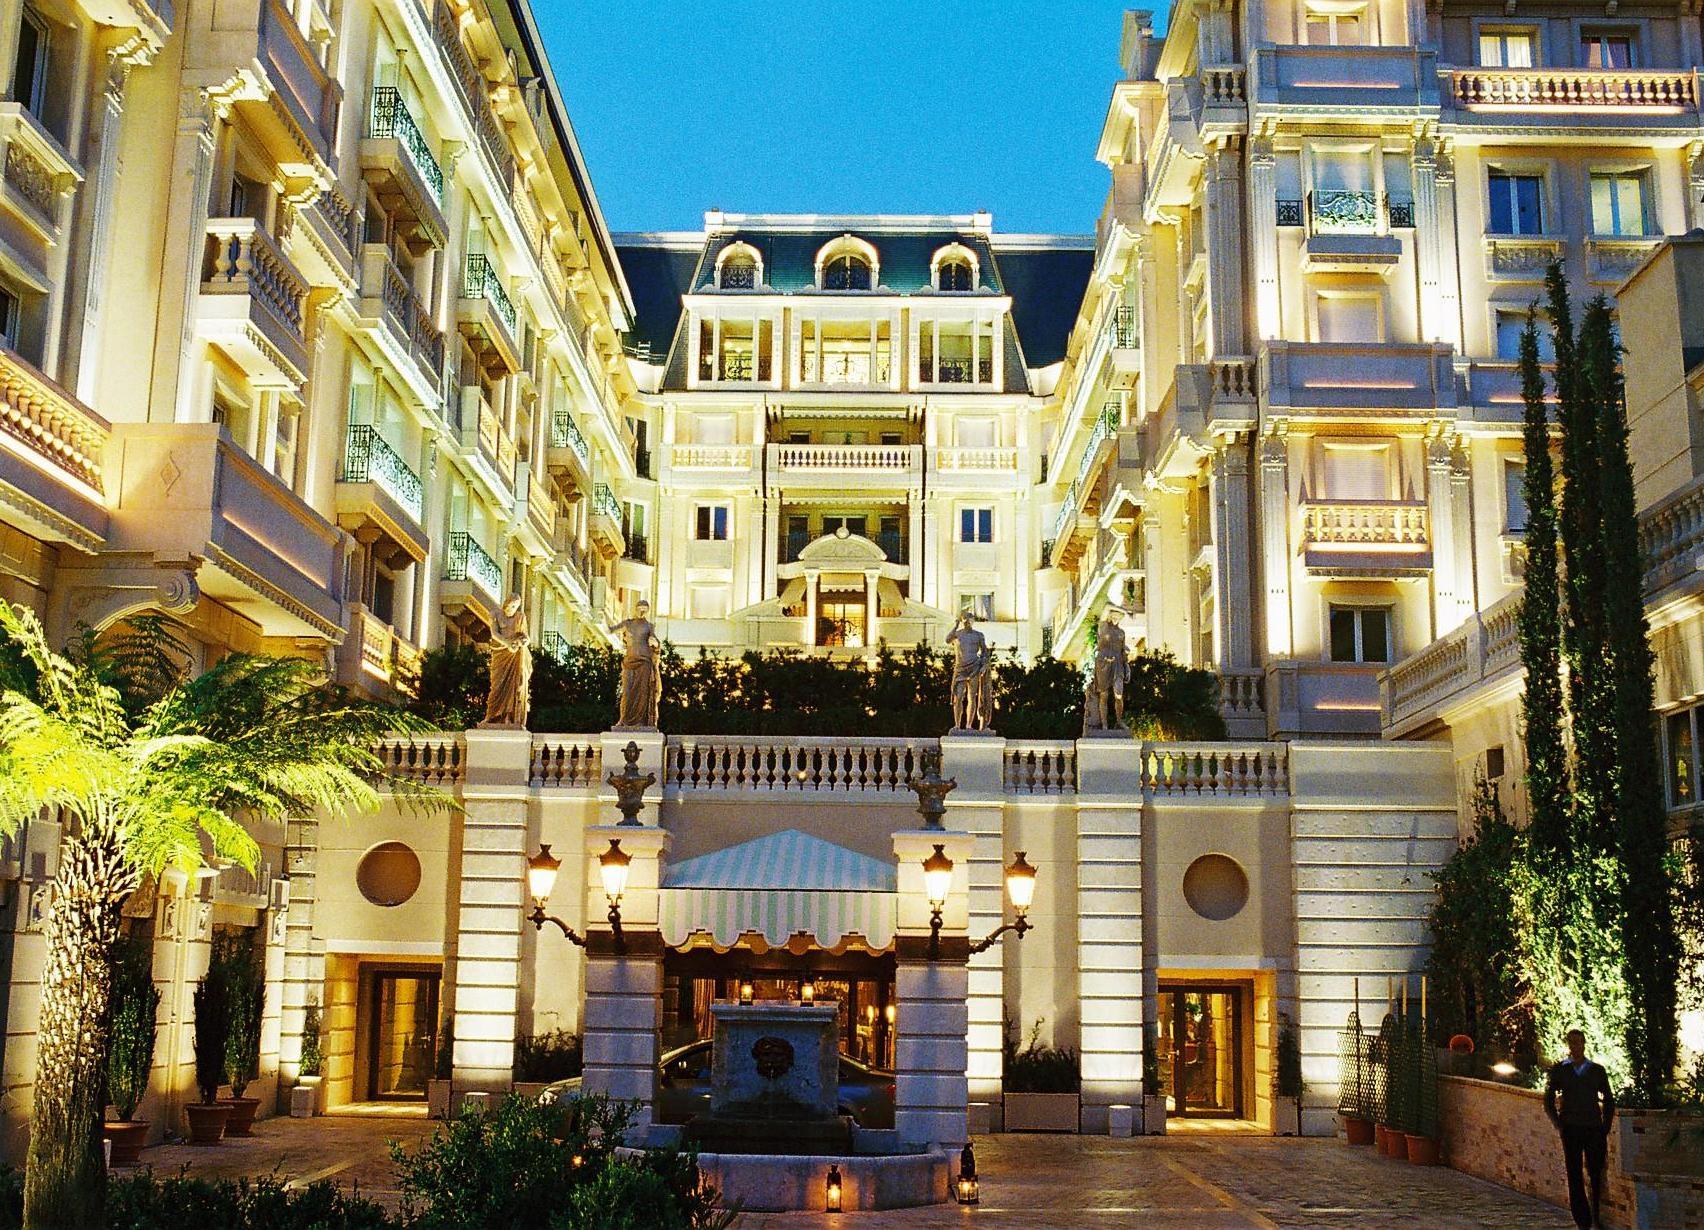 Монте-Карло 2 16 — отдых, экскурсии, музеи, шоппинг и